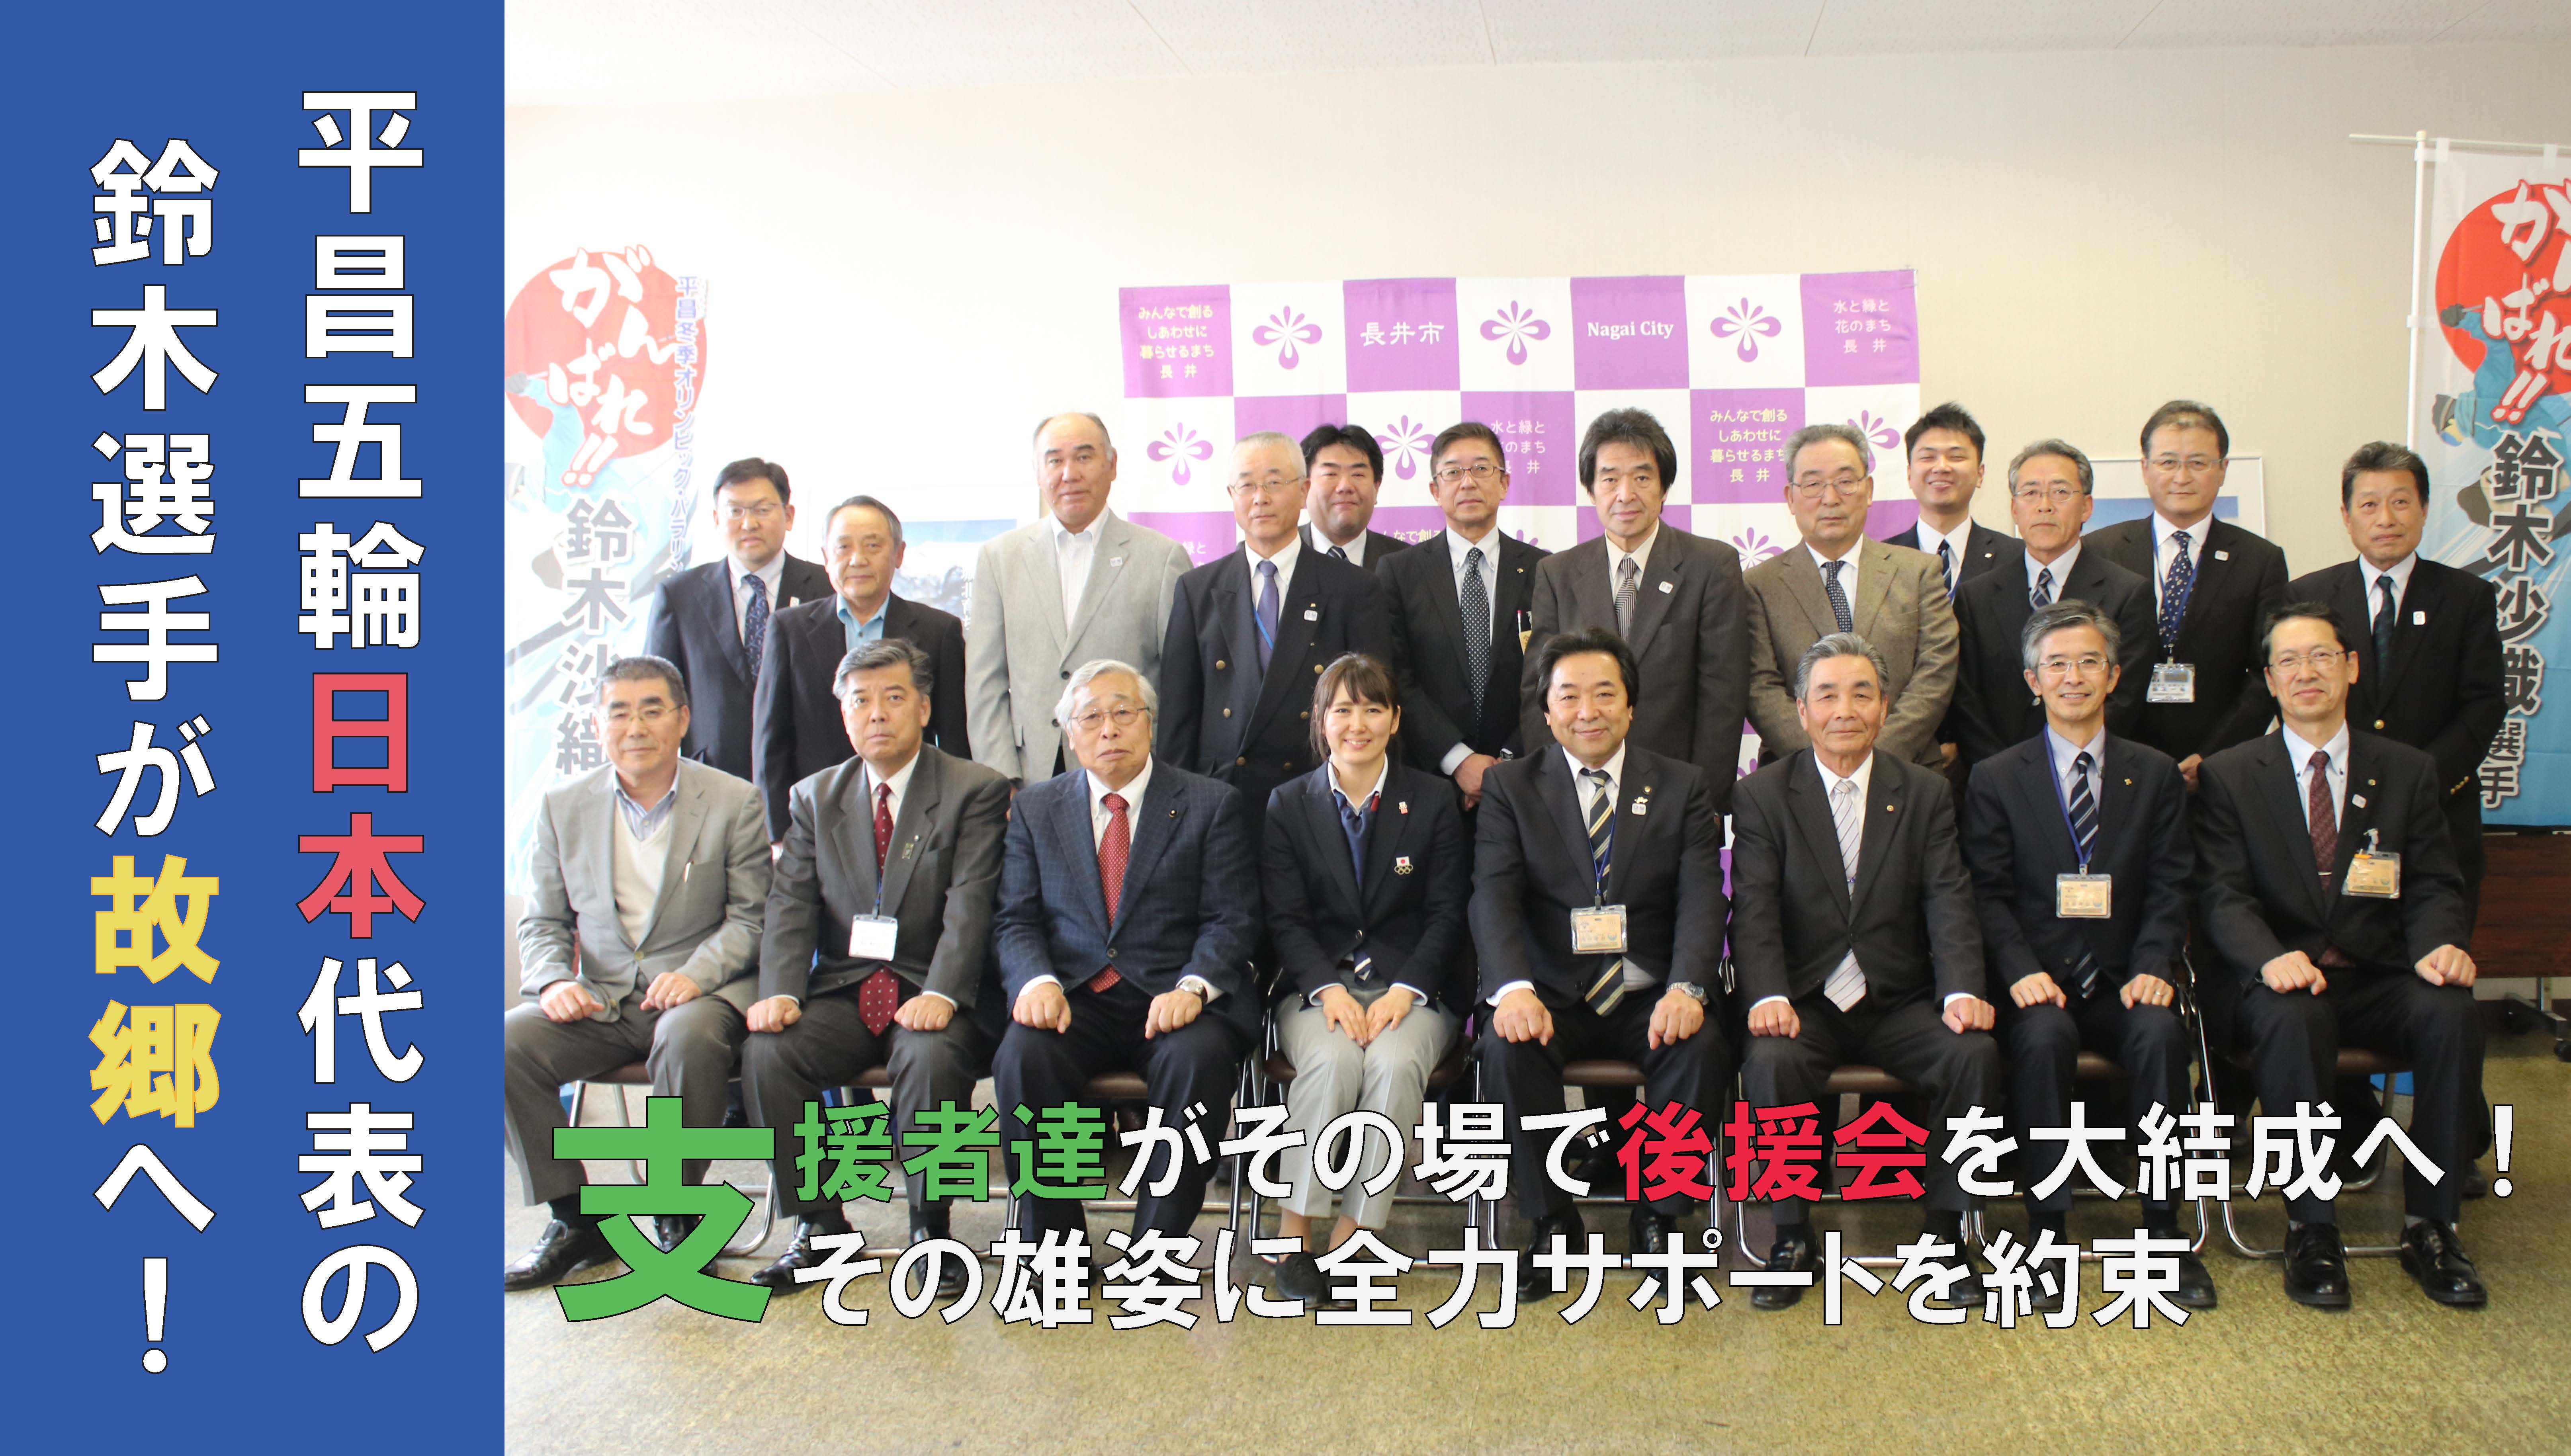 鈴木沙織選手がオリンピック体験を報告!(H30.4.3):画像